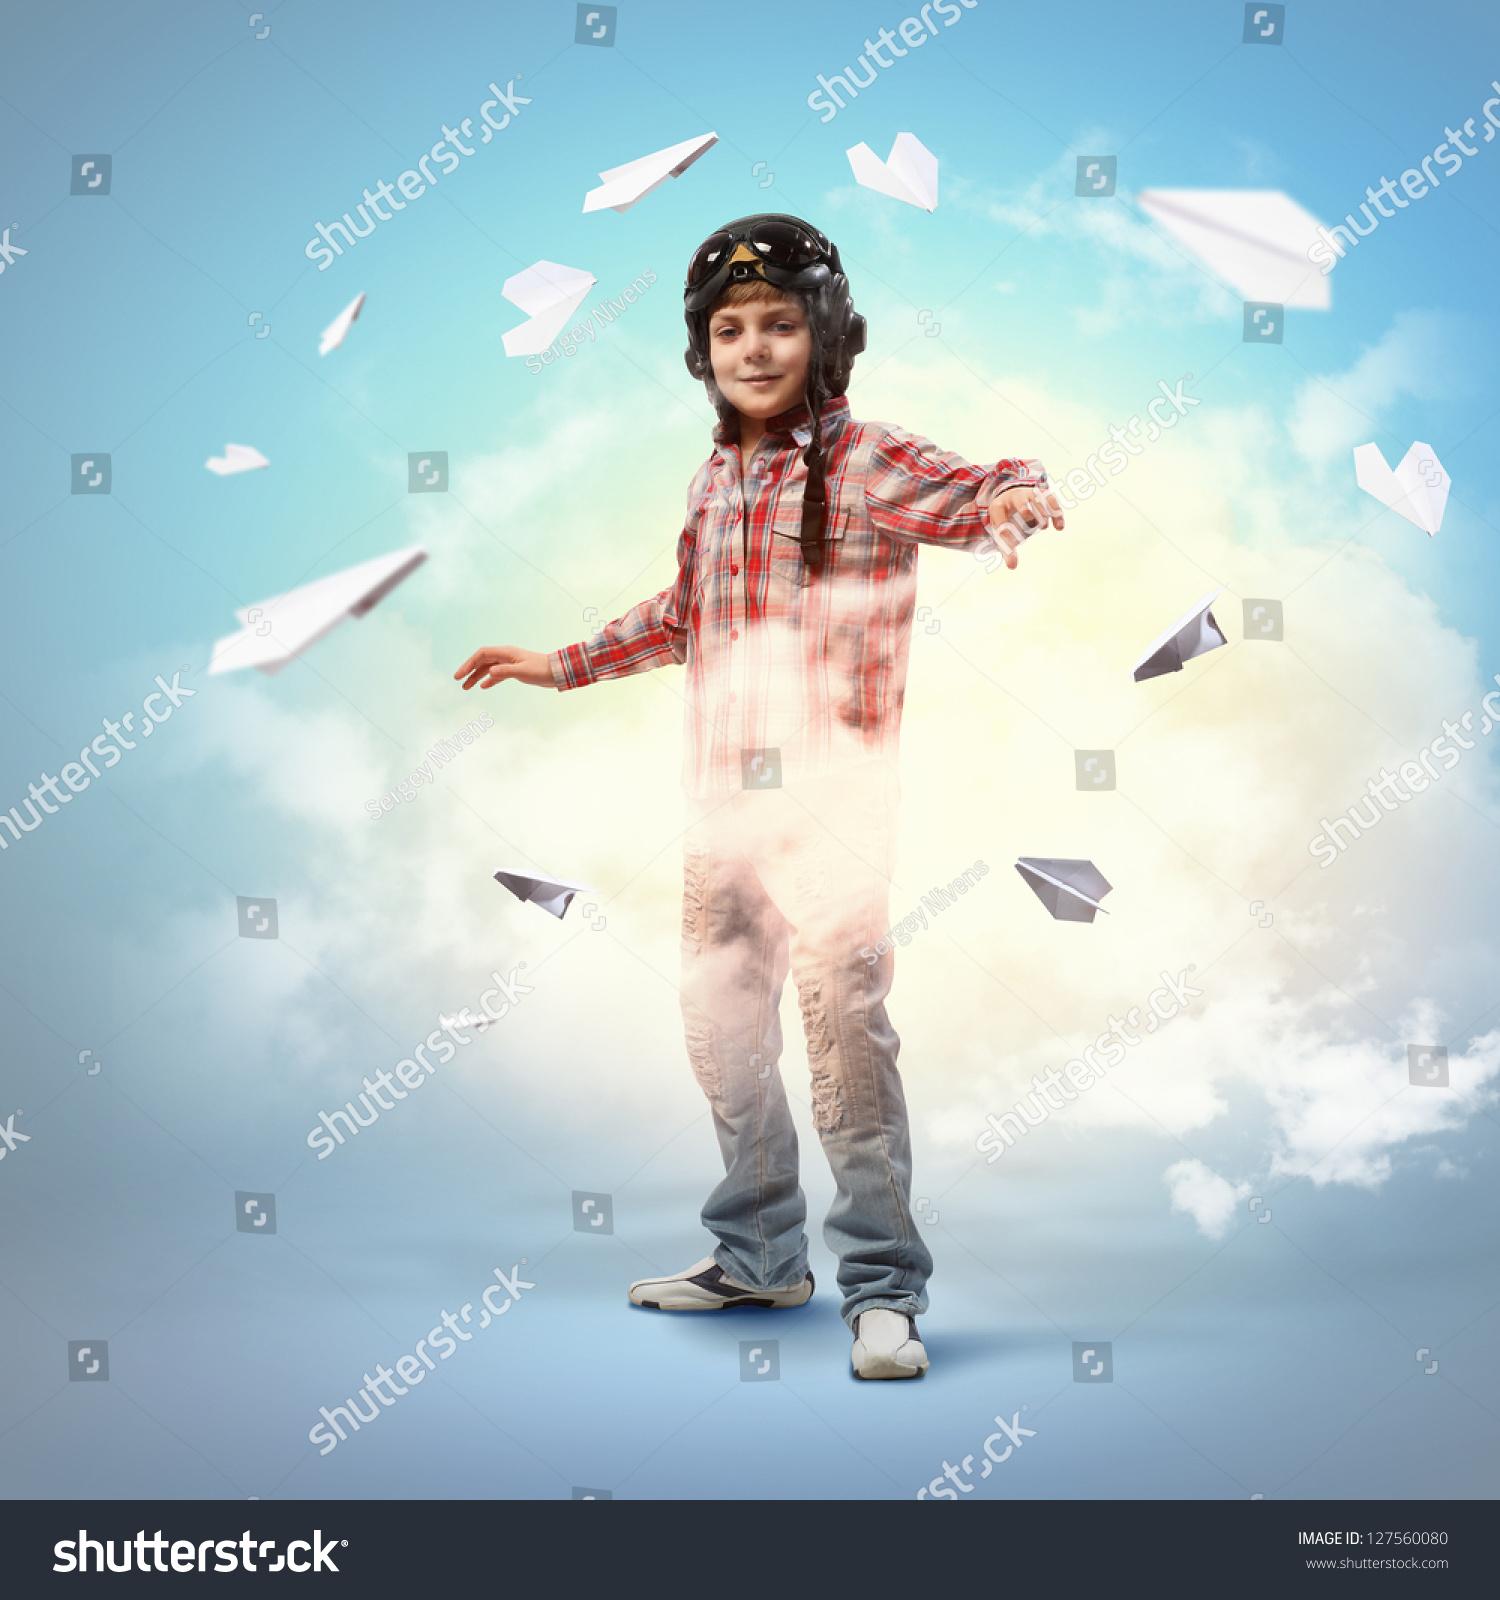 飞行员头盔中的小男孩形象背景-人物